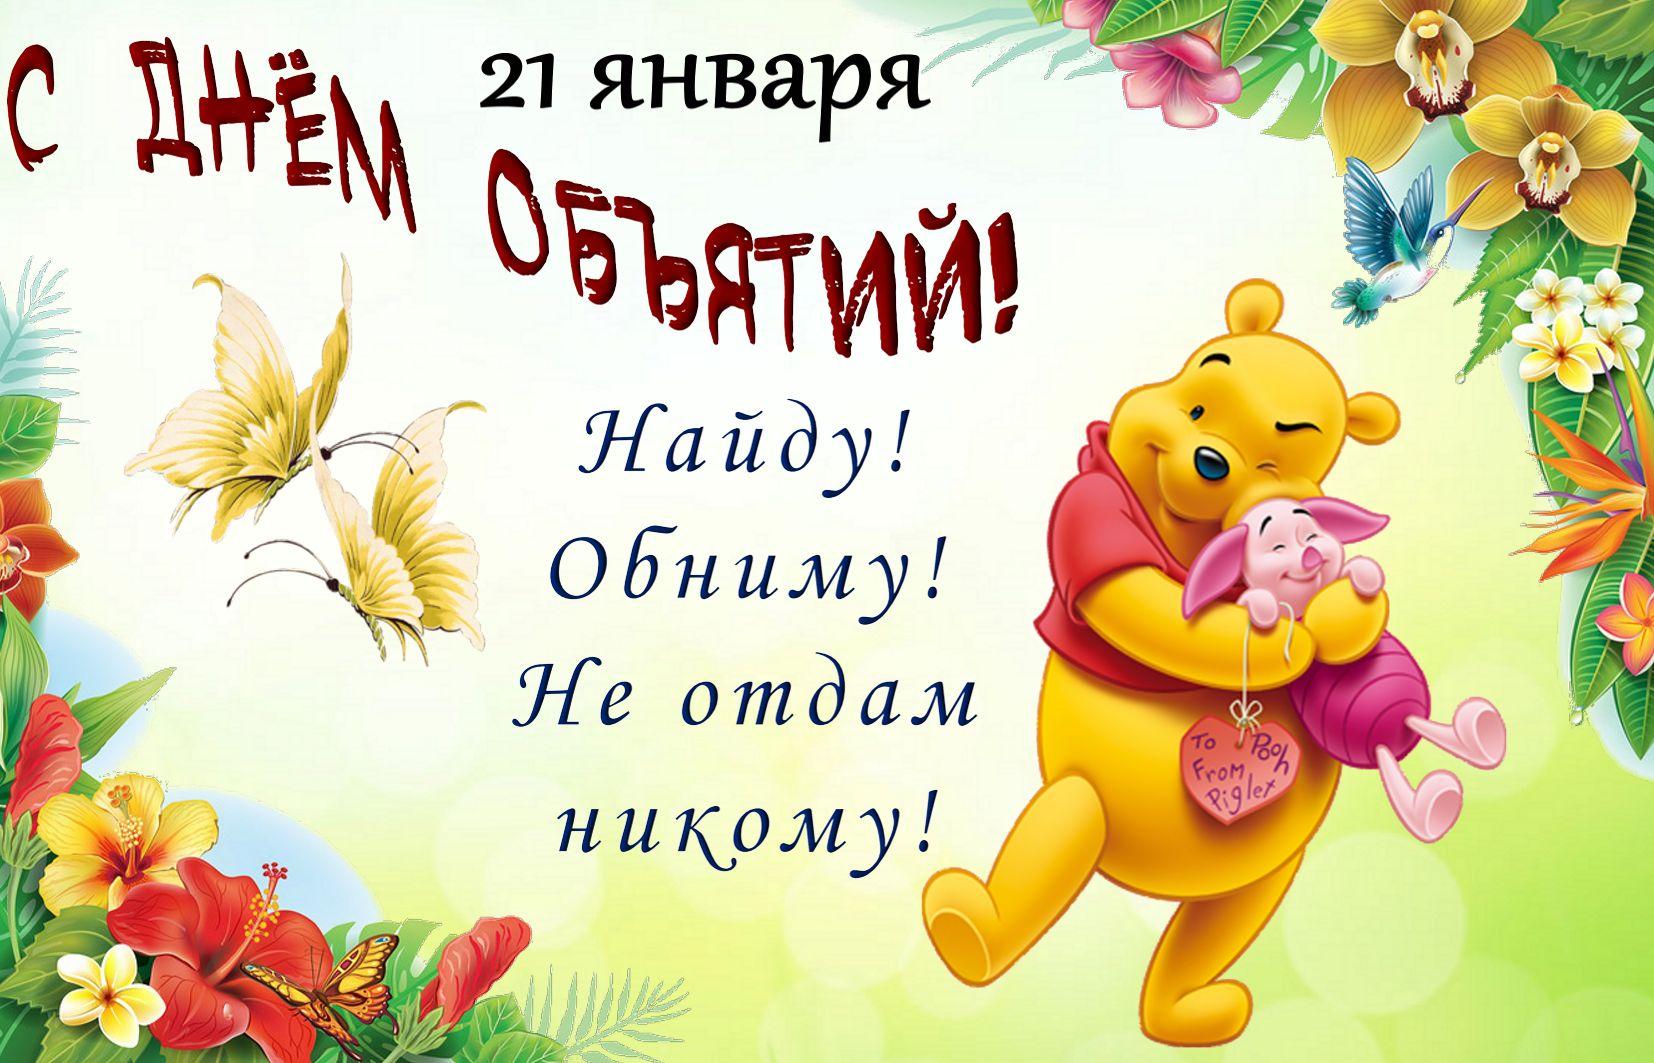 Открытка на День объятий - Винни-Пух обнимает пятачка на фоне цветов